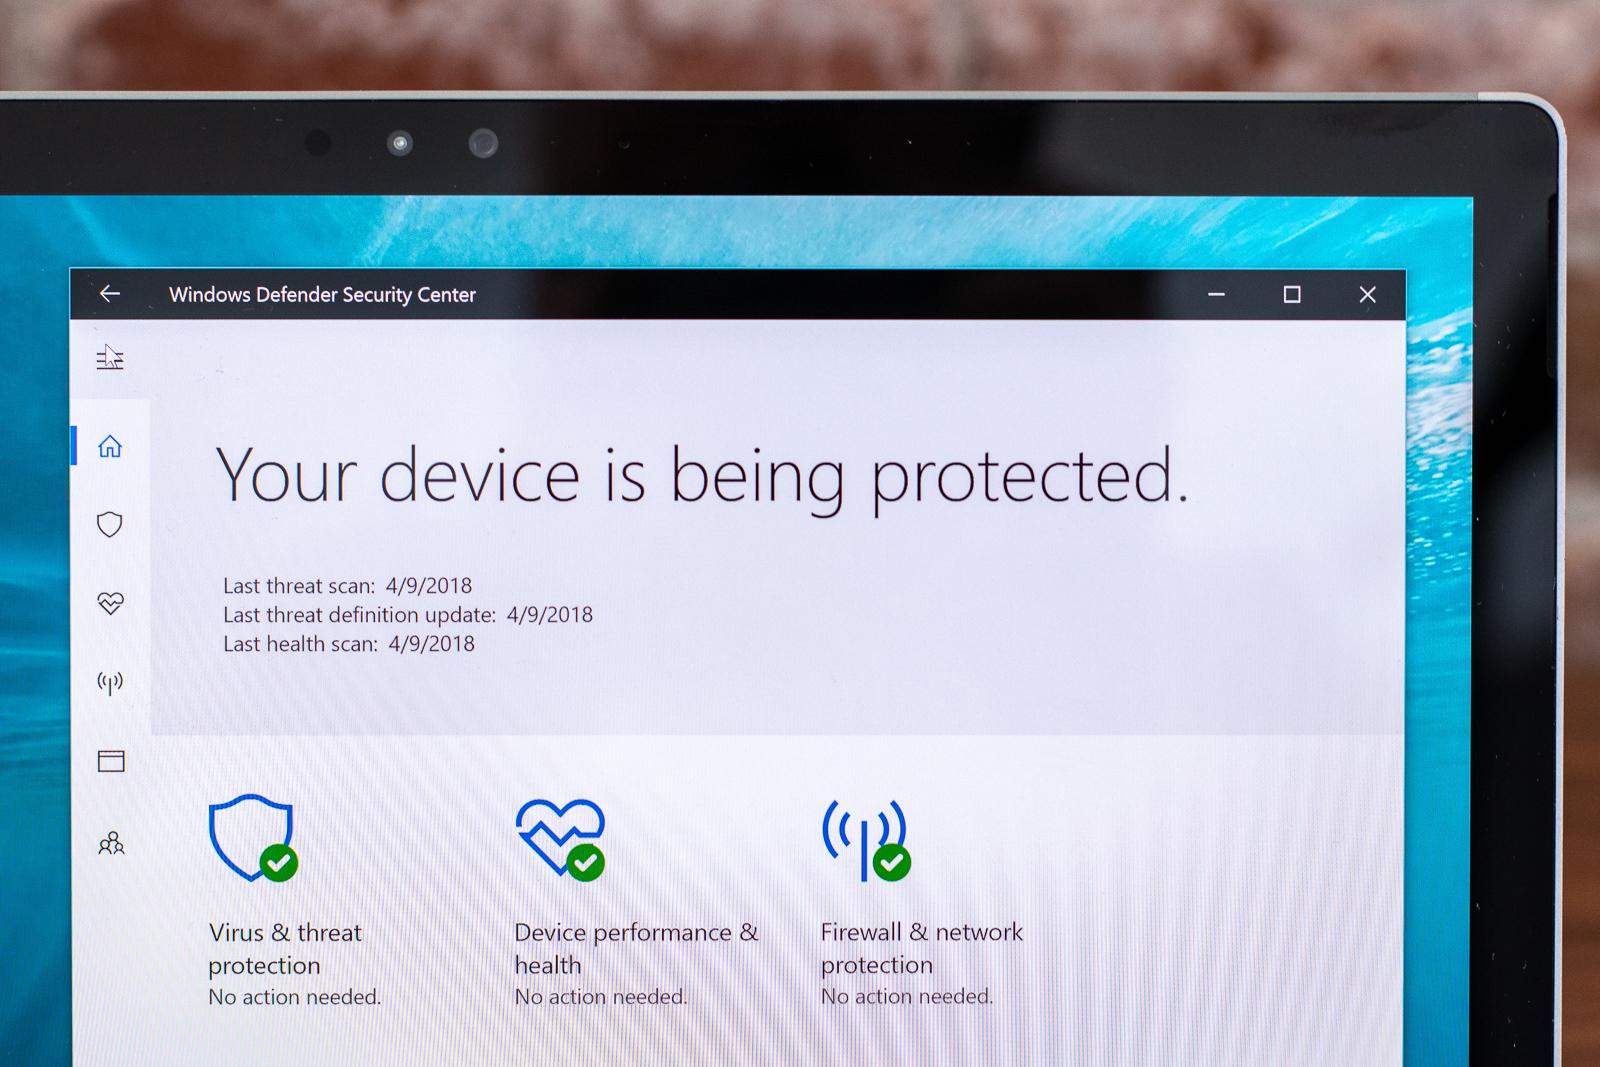 The best antivirus is not traditional antivirus | IEyeNews